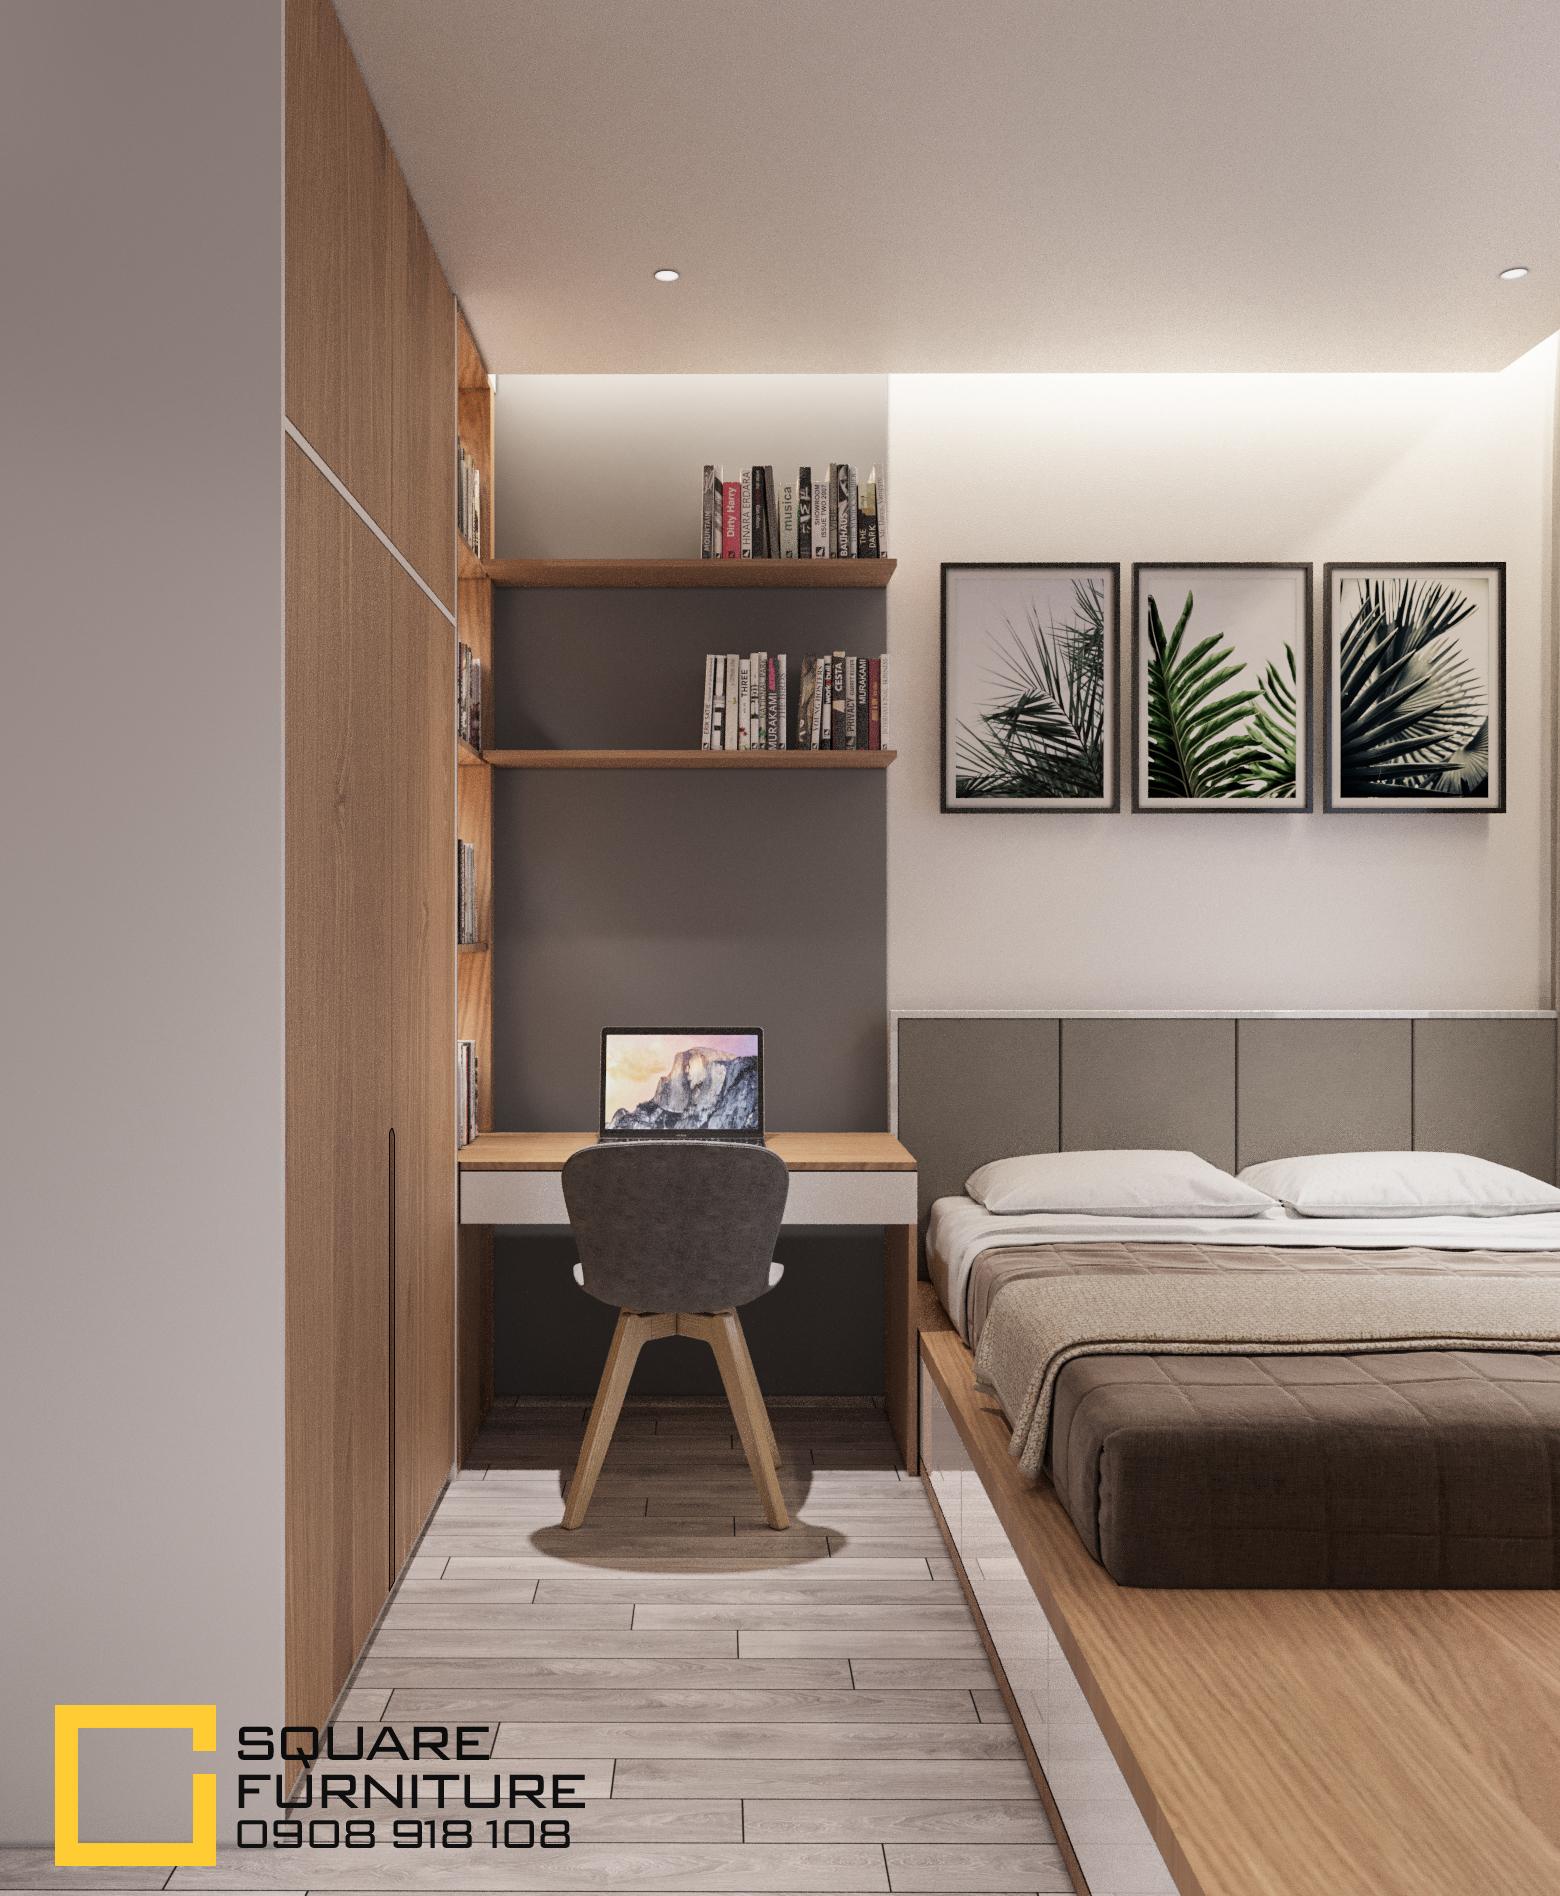 thiết kế nội thất chung cư tại Hồ Chí Minh Căn hộ Haiwaii Đảo Kim Cương 10 1559032081